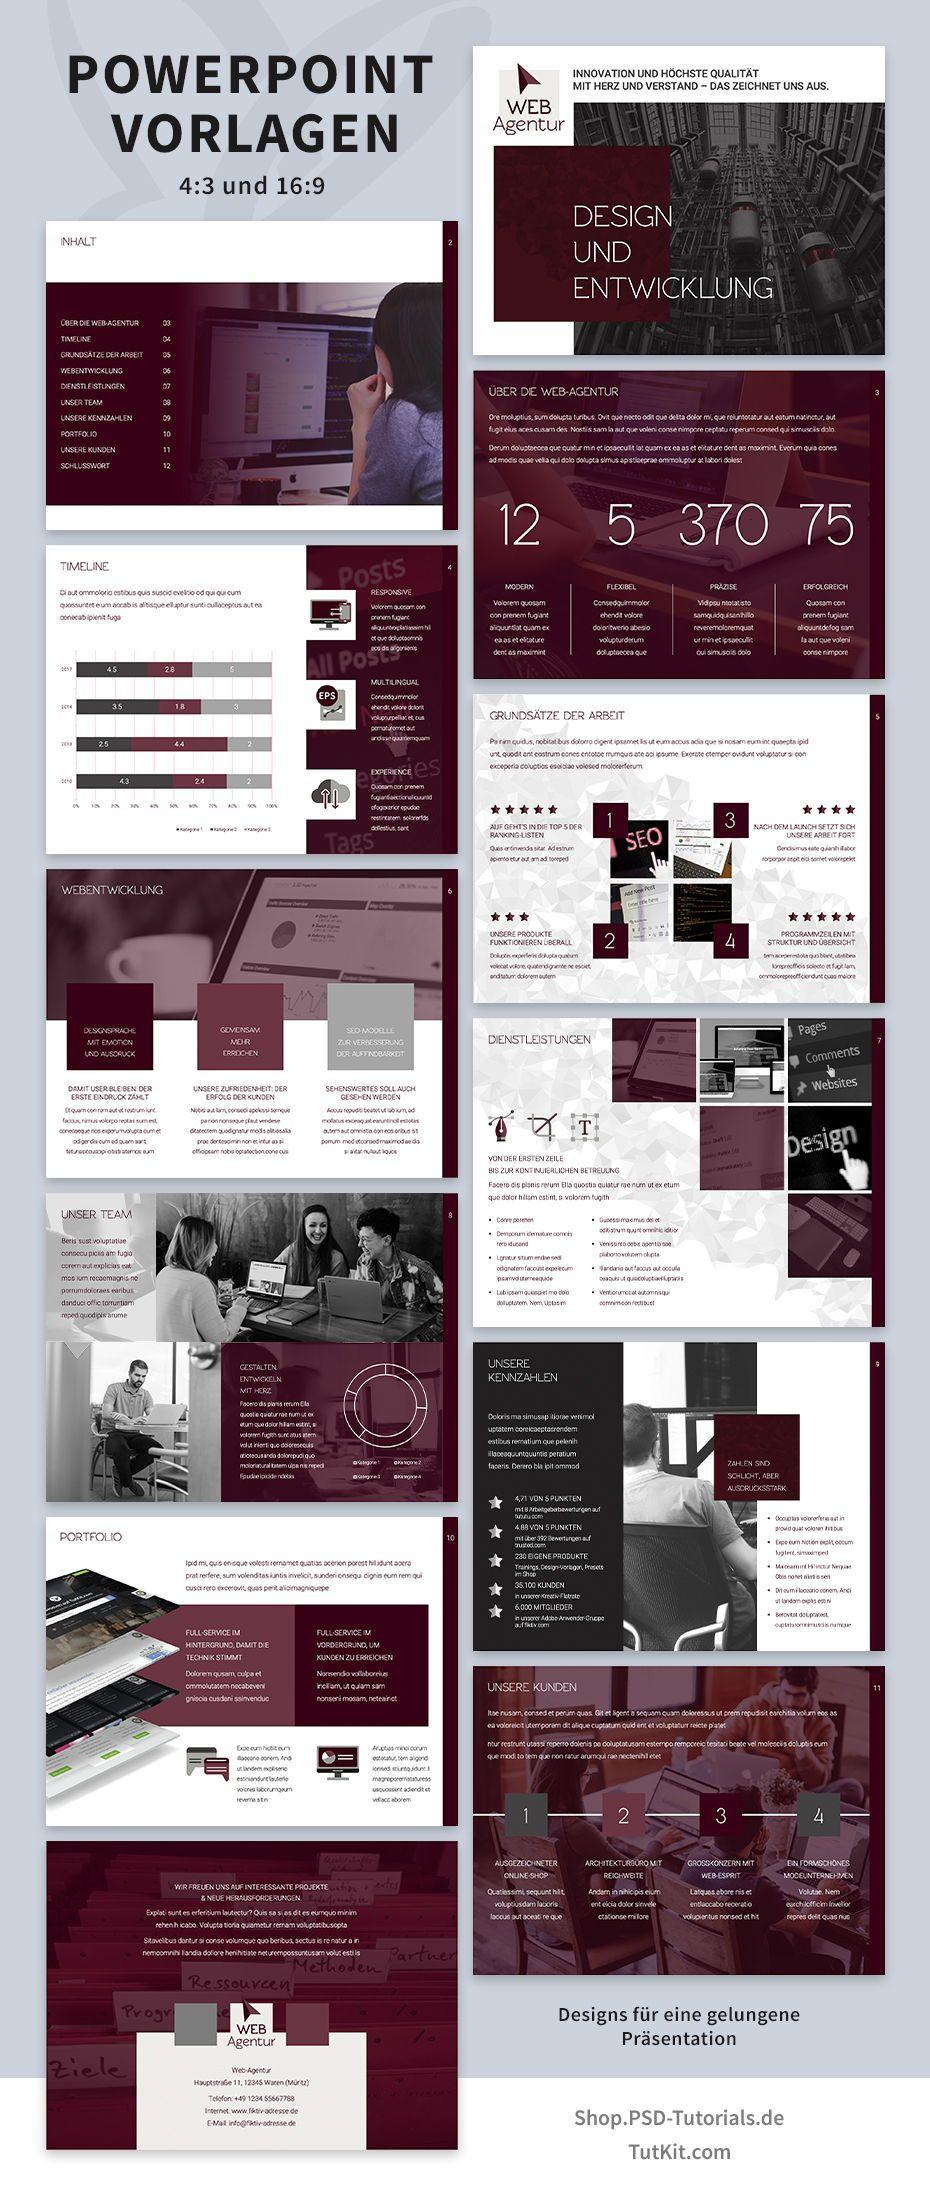 Prasentationsvorlagen Fur Powerpoint Layouts Fur Designstarke Folien Power Point Powerpoint Layout Prasentation